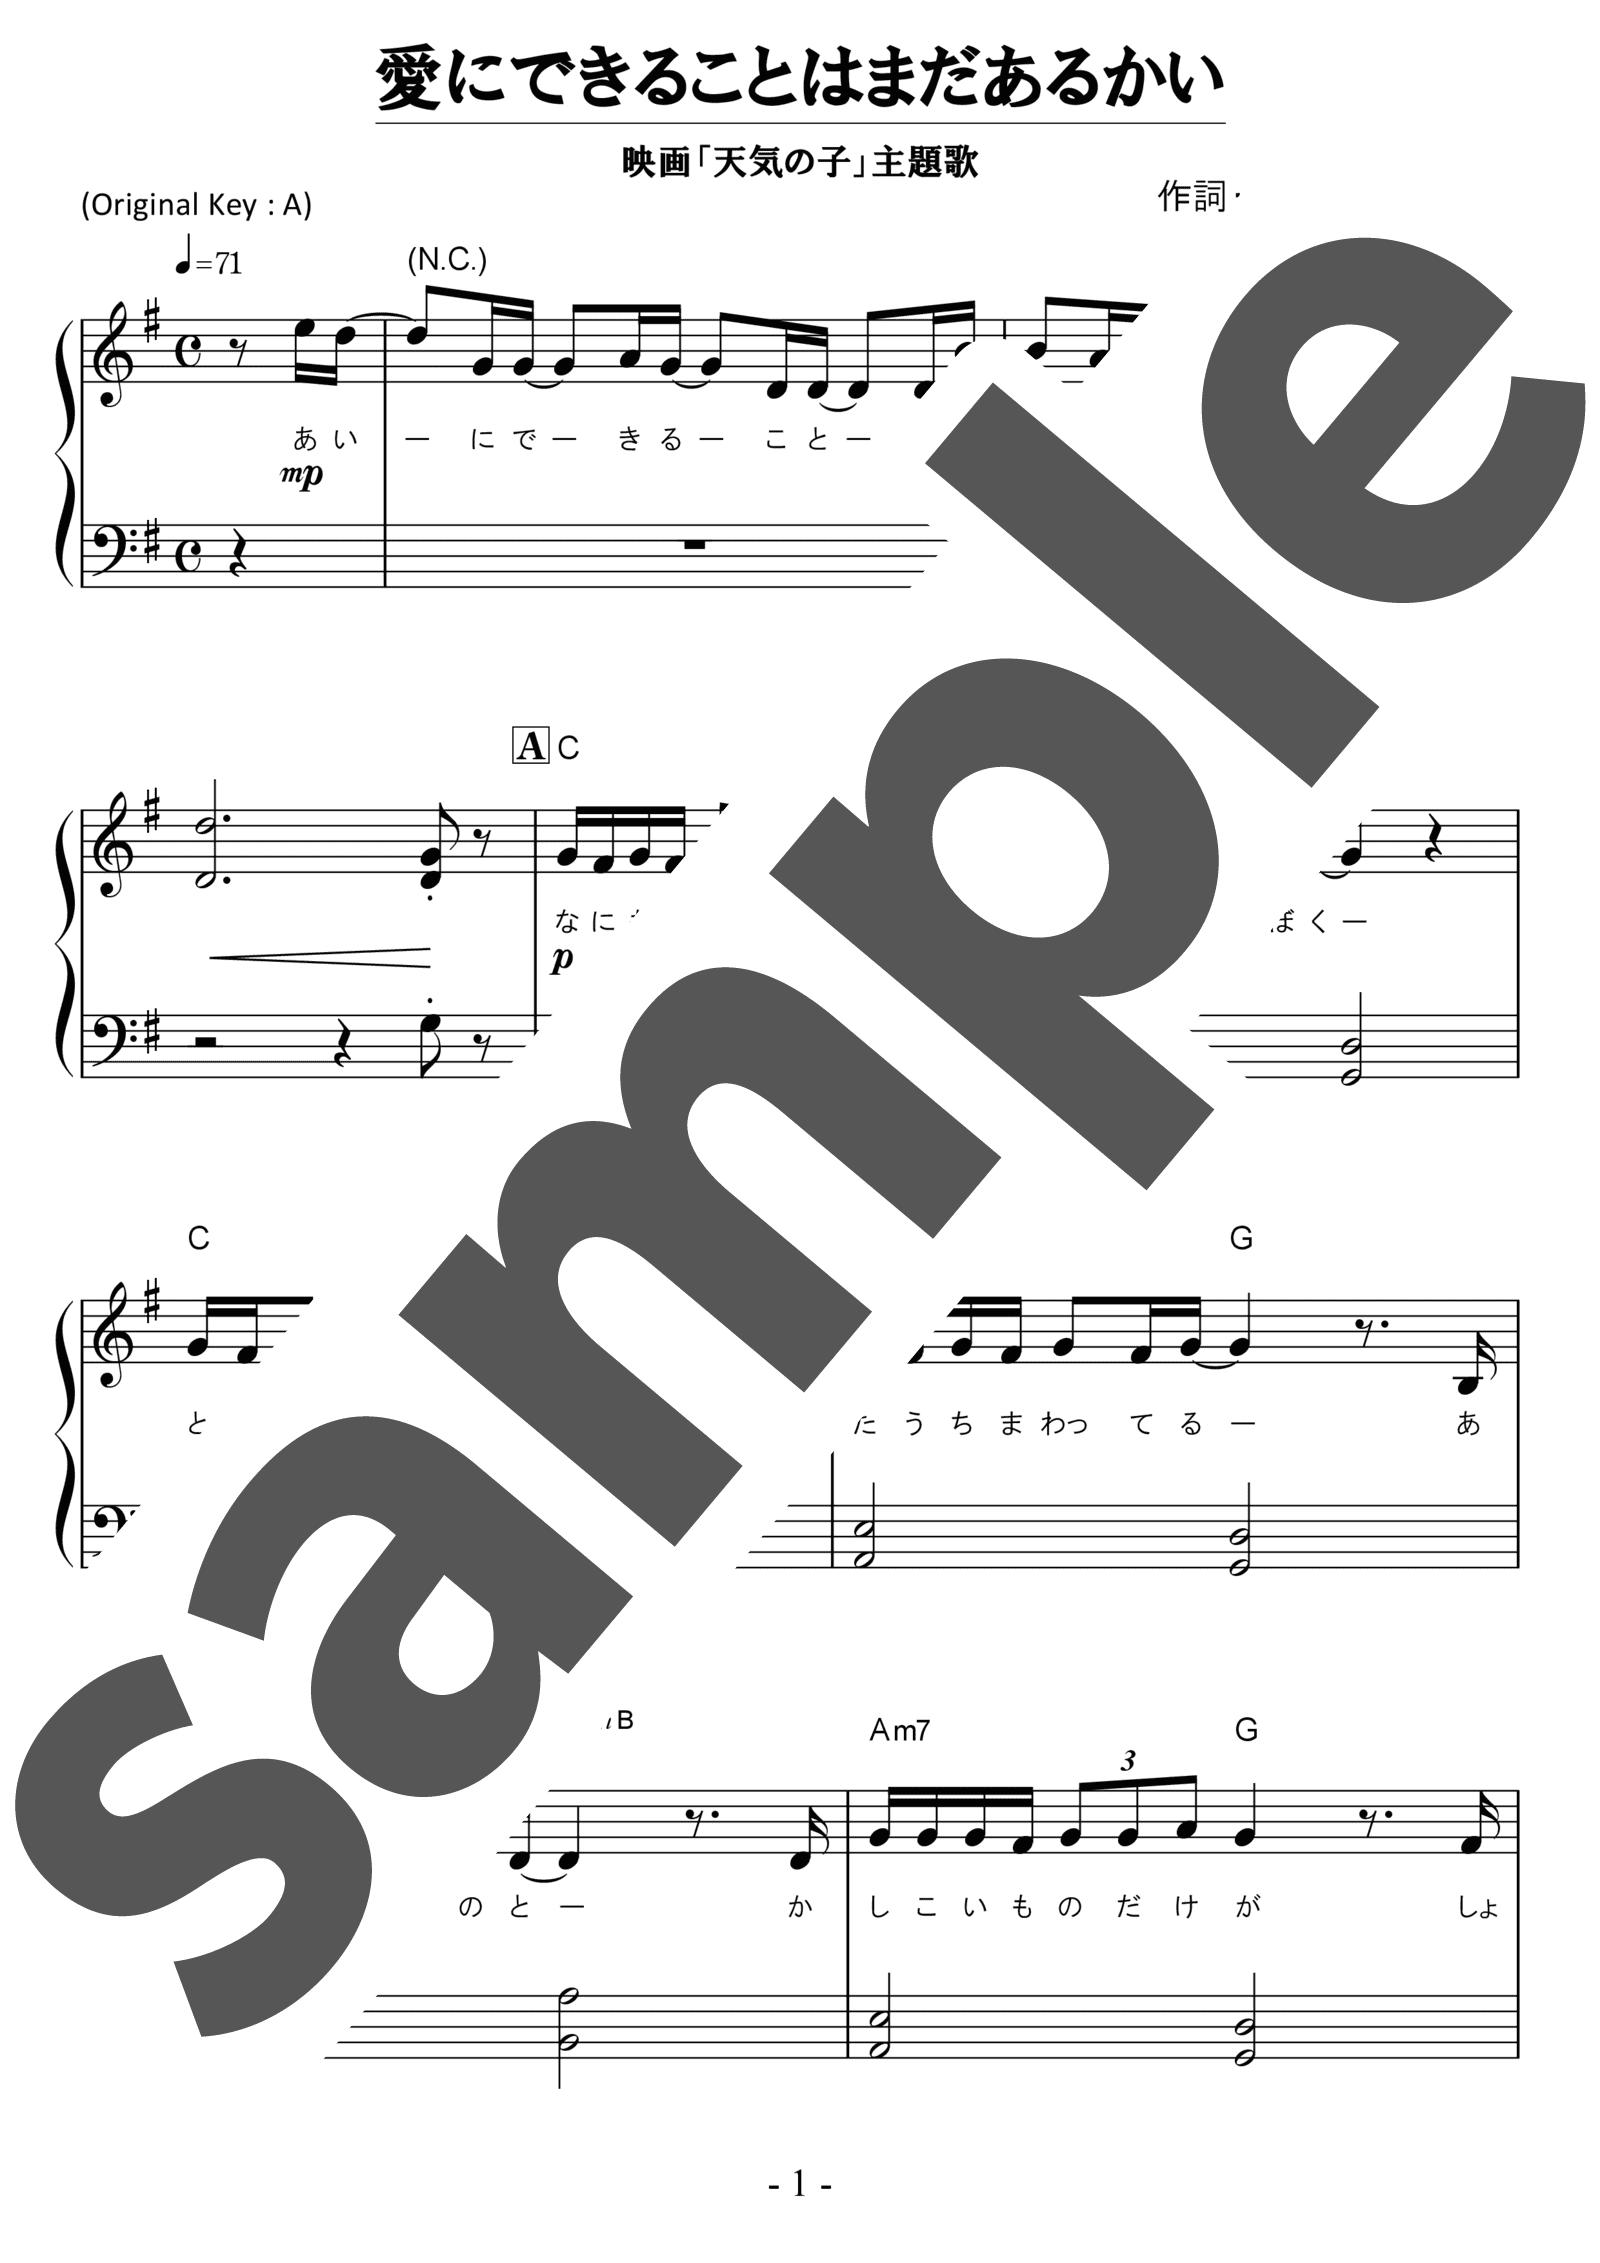 「愛にできることはまだあるかい」のサンプル楽譜